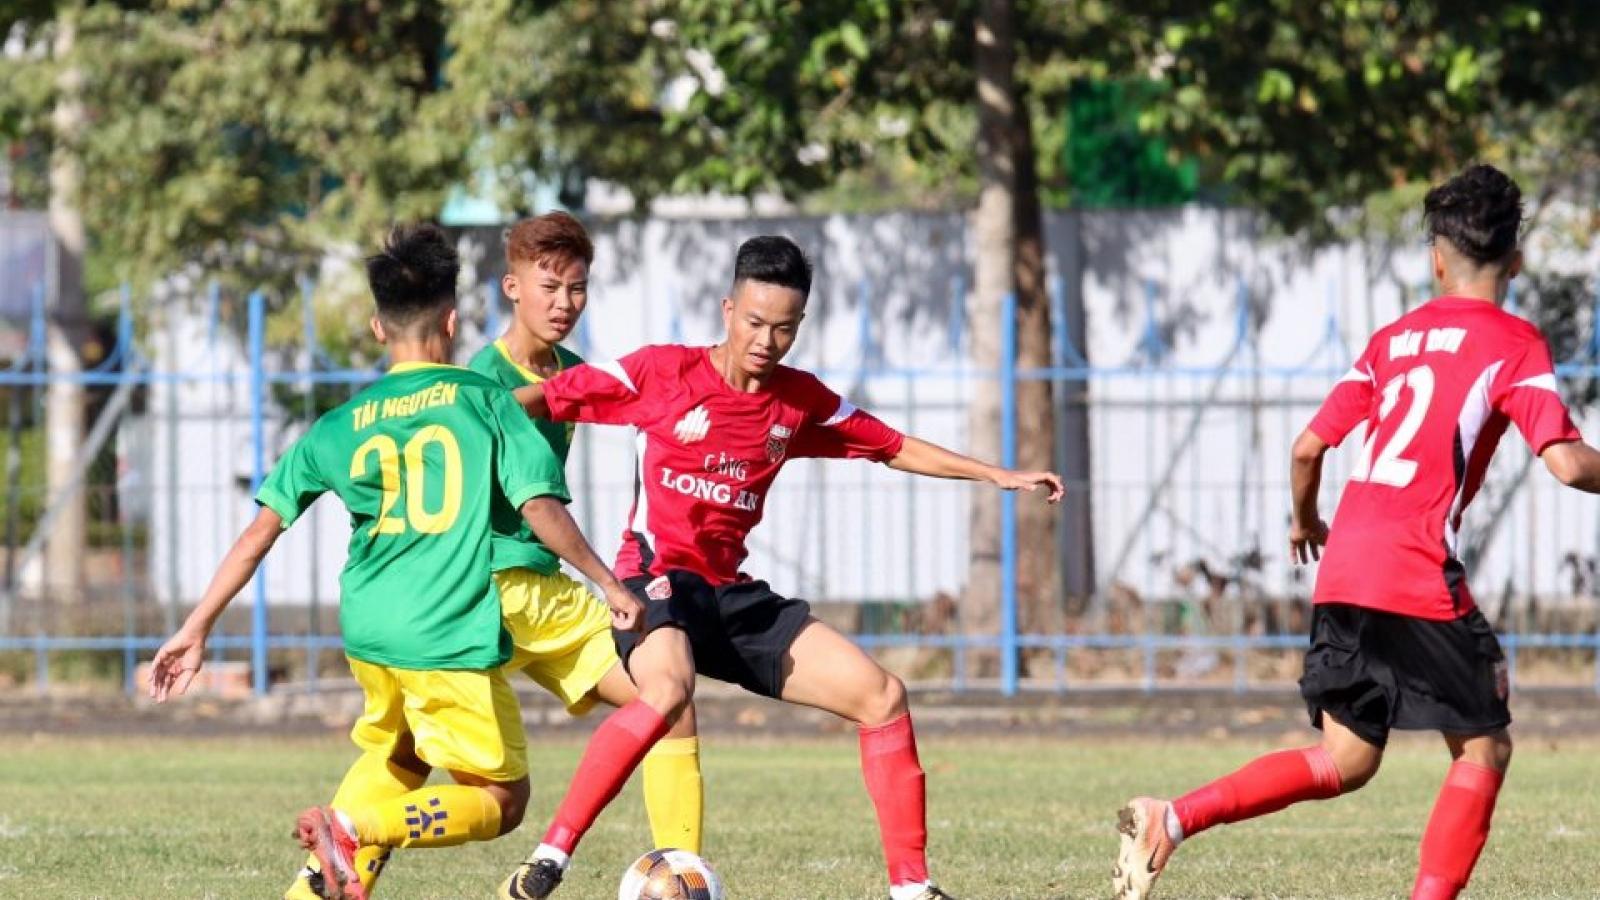 """Giải U19 Quốc gia bị hoãn, bóng đá Việt Nam thêm một lần """"đóng băng"""" vì Covid-19"""